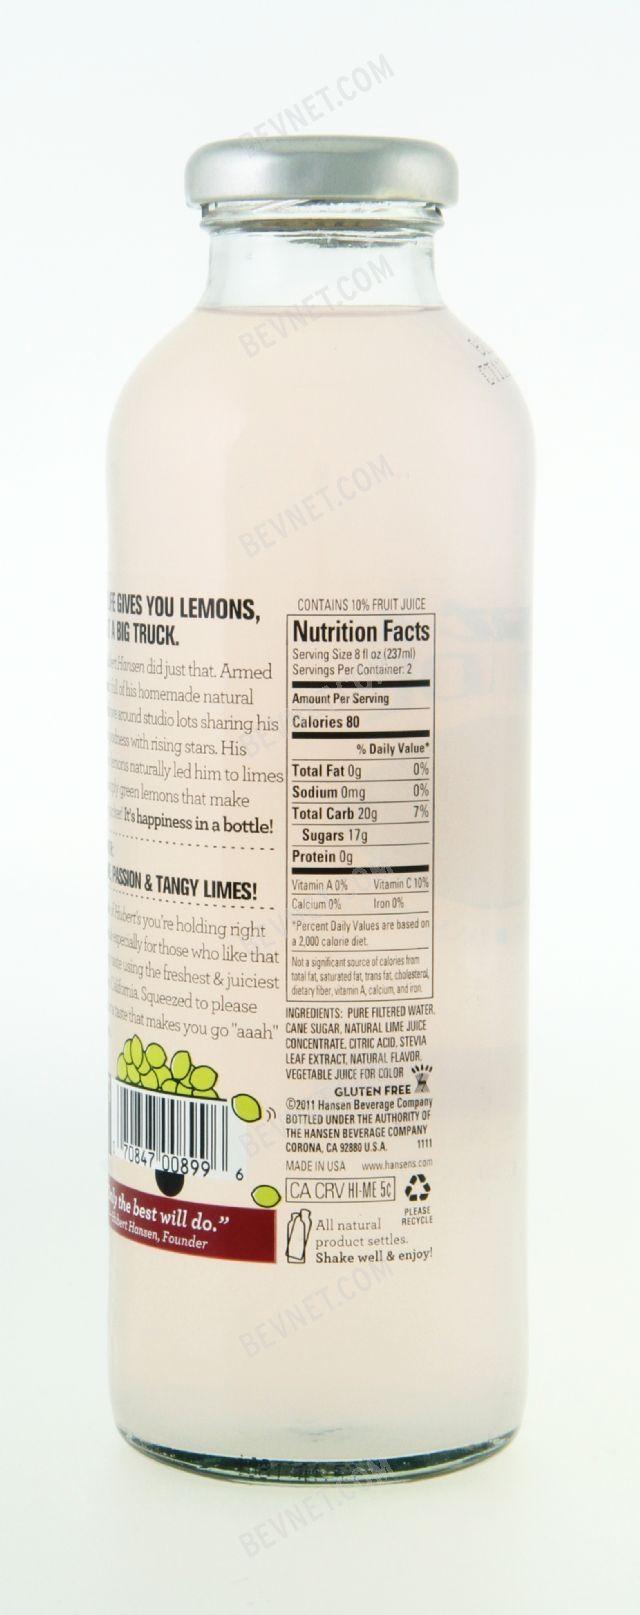 huberts diet lemonade reviews